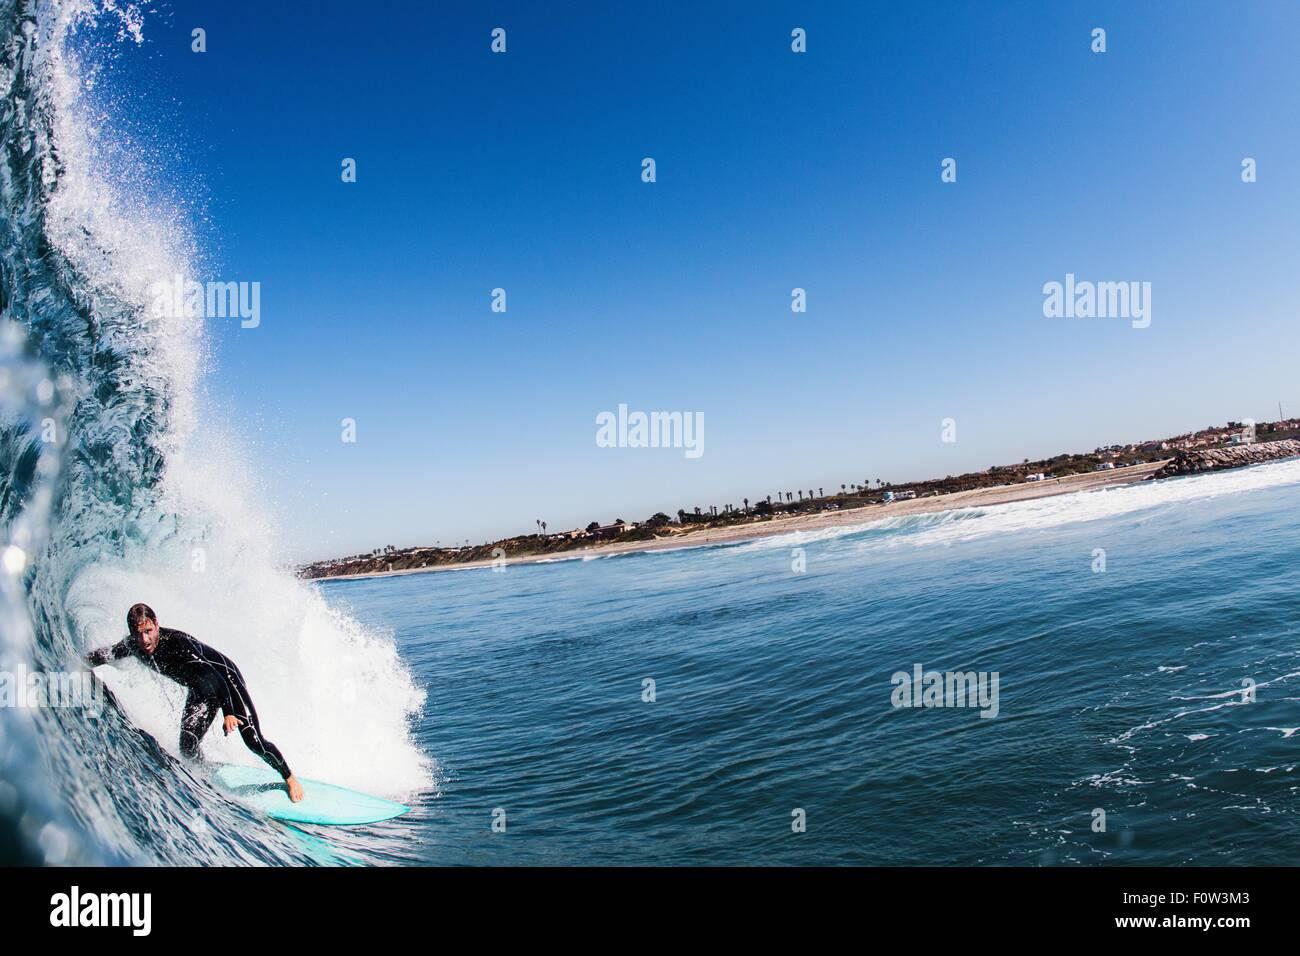 Cerca de las olas del océano y mitad hombre adulto surf, en Carlsbad, California, EE.UU. Imagen De Stock